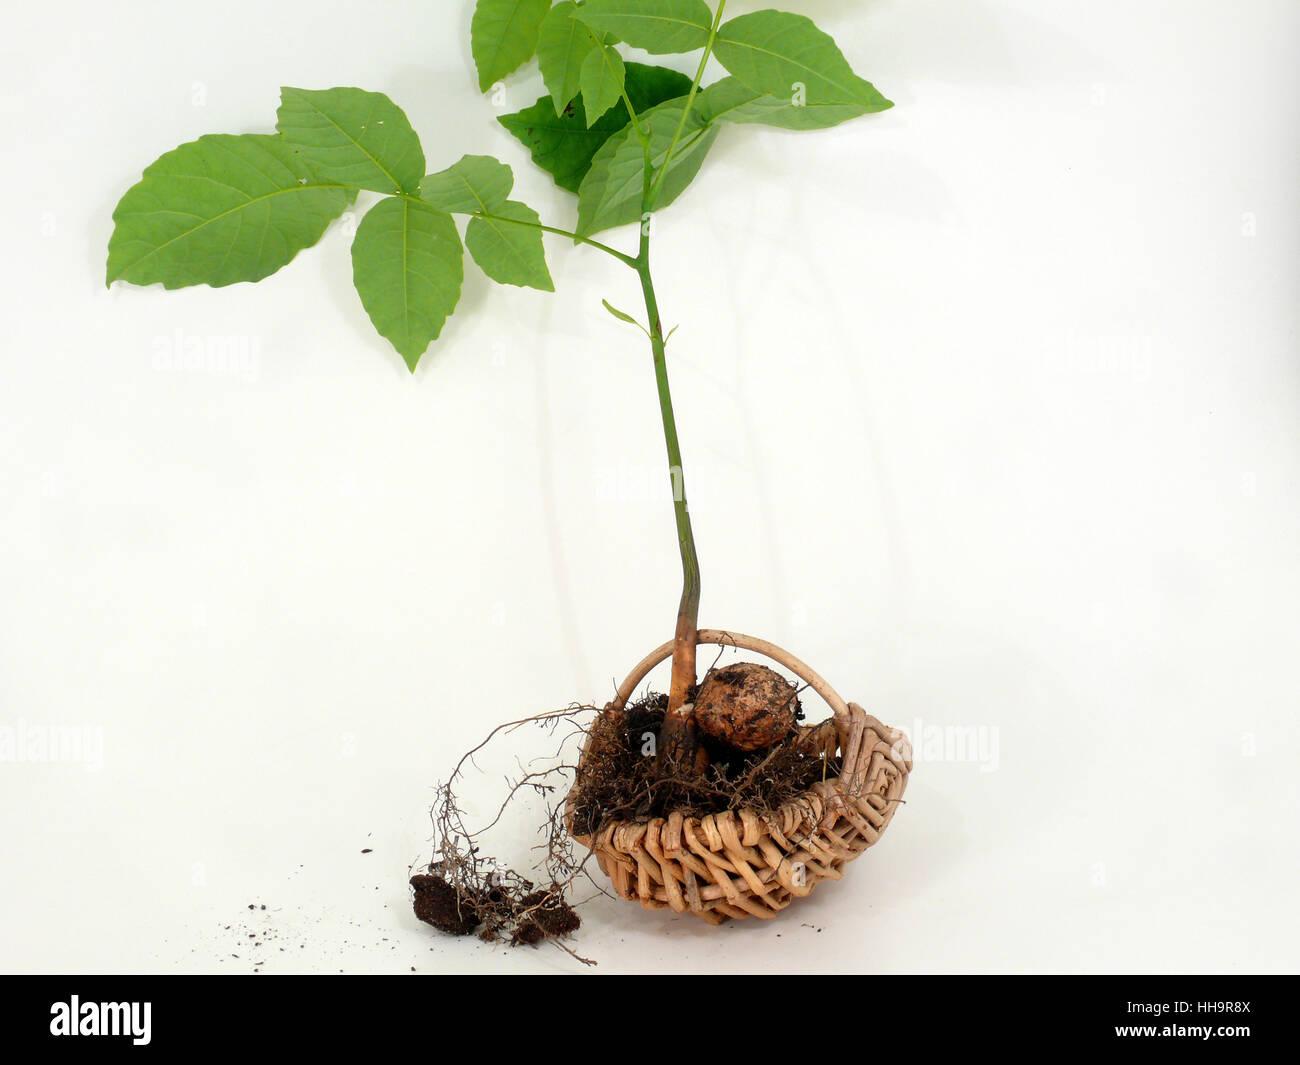 root, walnut, seedling, walnut tree, plant, root, walnut